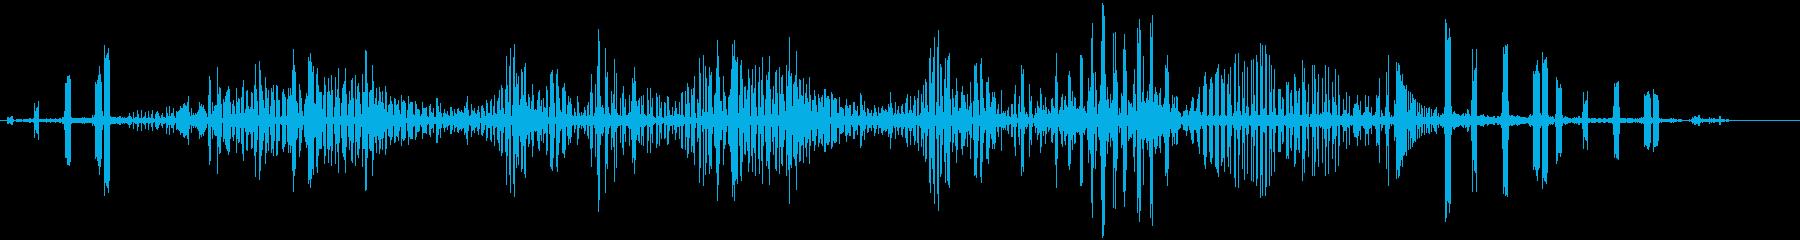 ミヤコドリの再生済みの波形